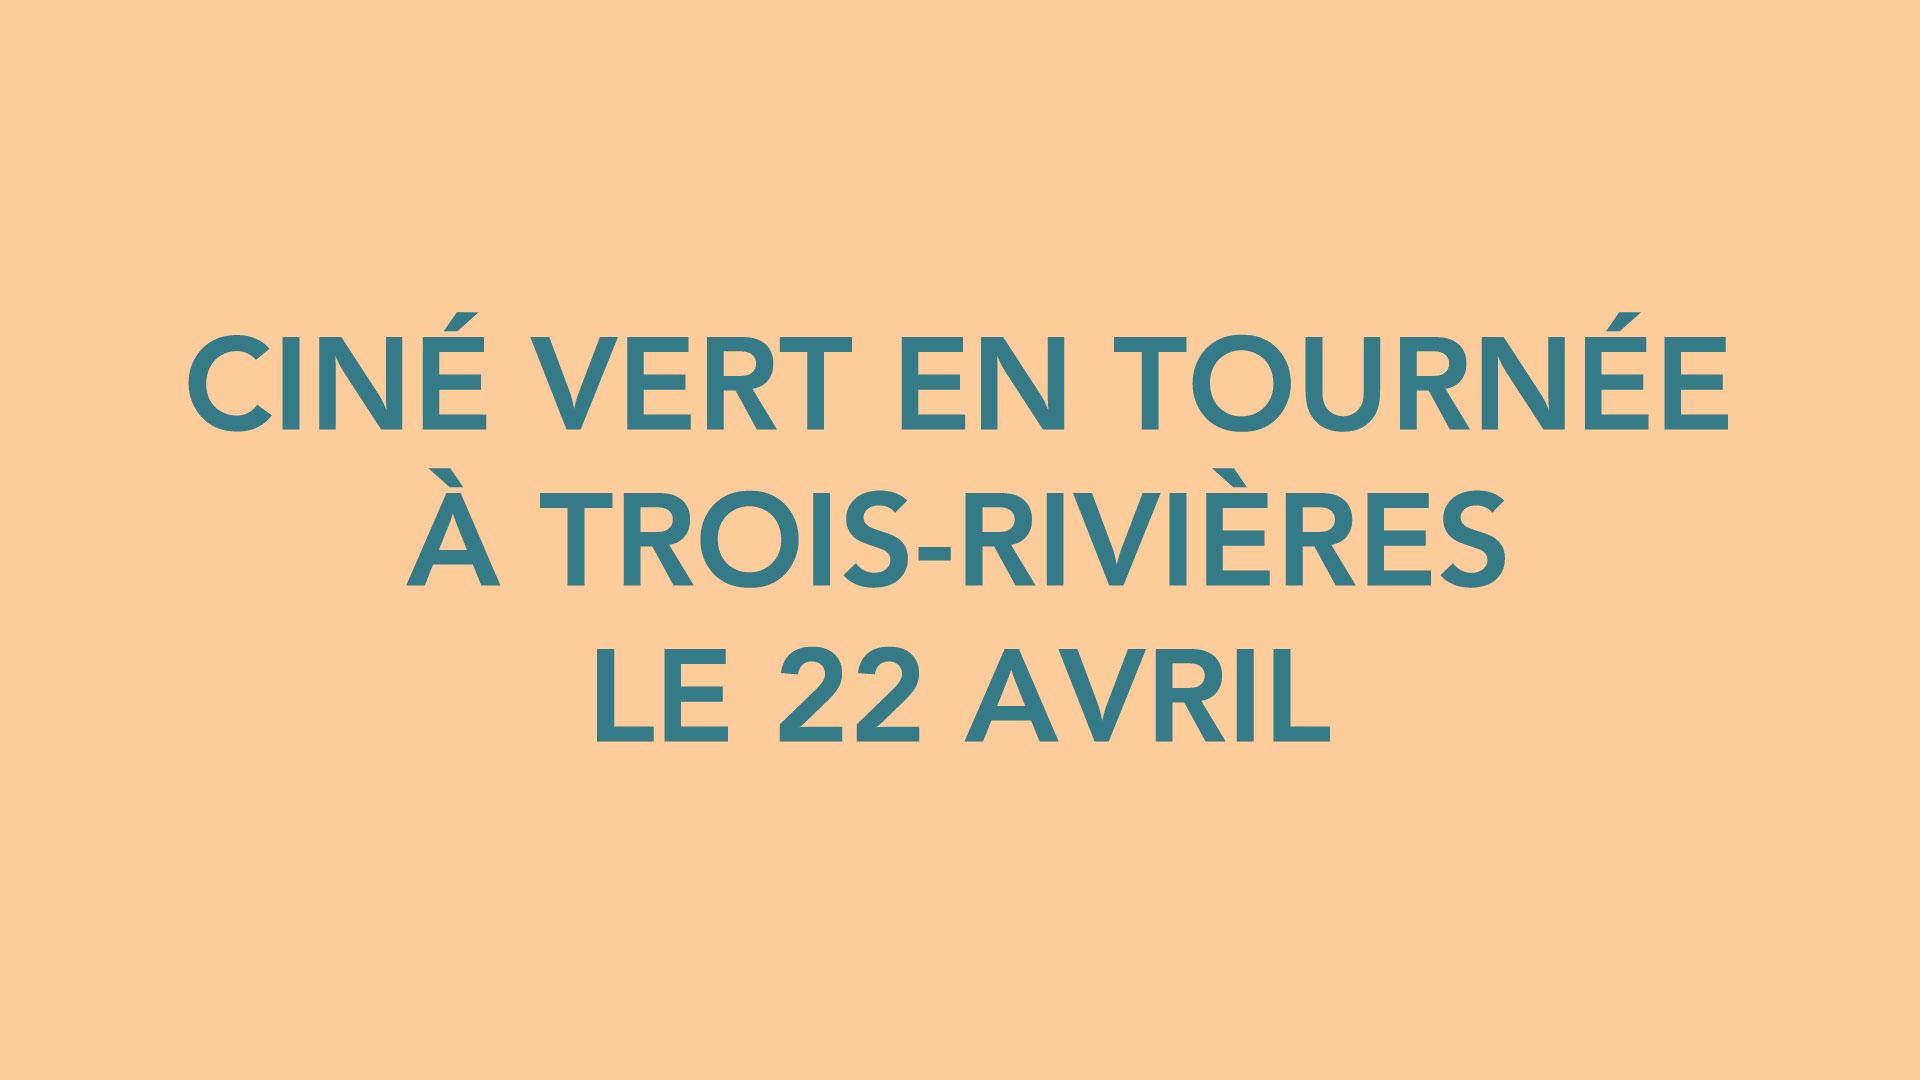 CINÉ VERT EN TOURNÉE À TROIS-RIVIÈRES LE 22 AVRIL